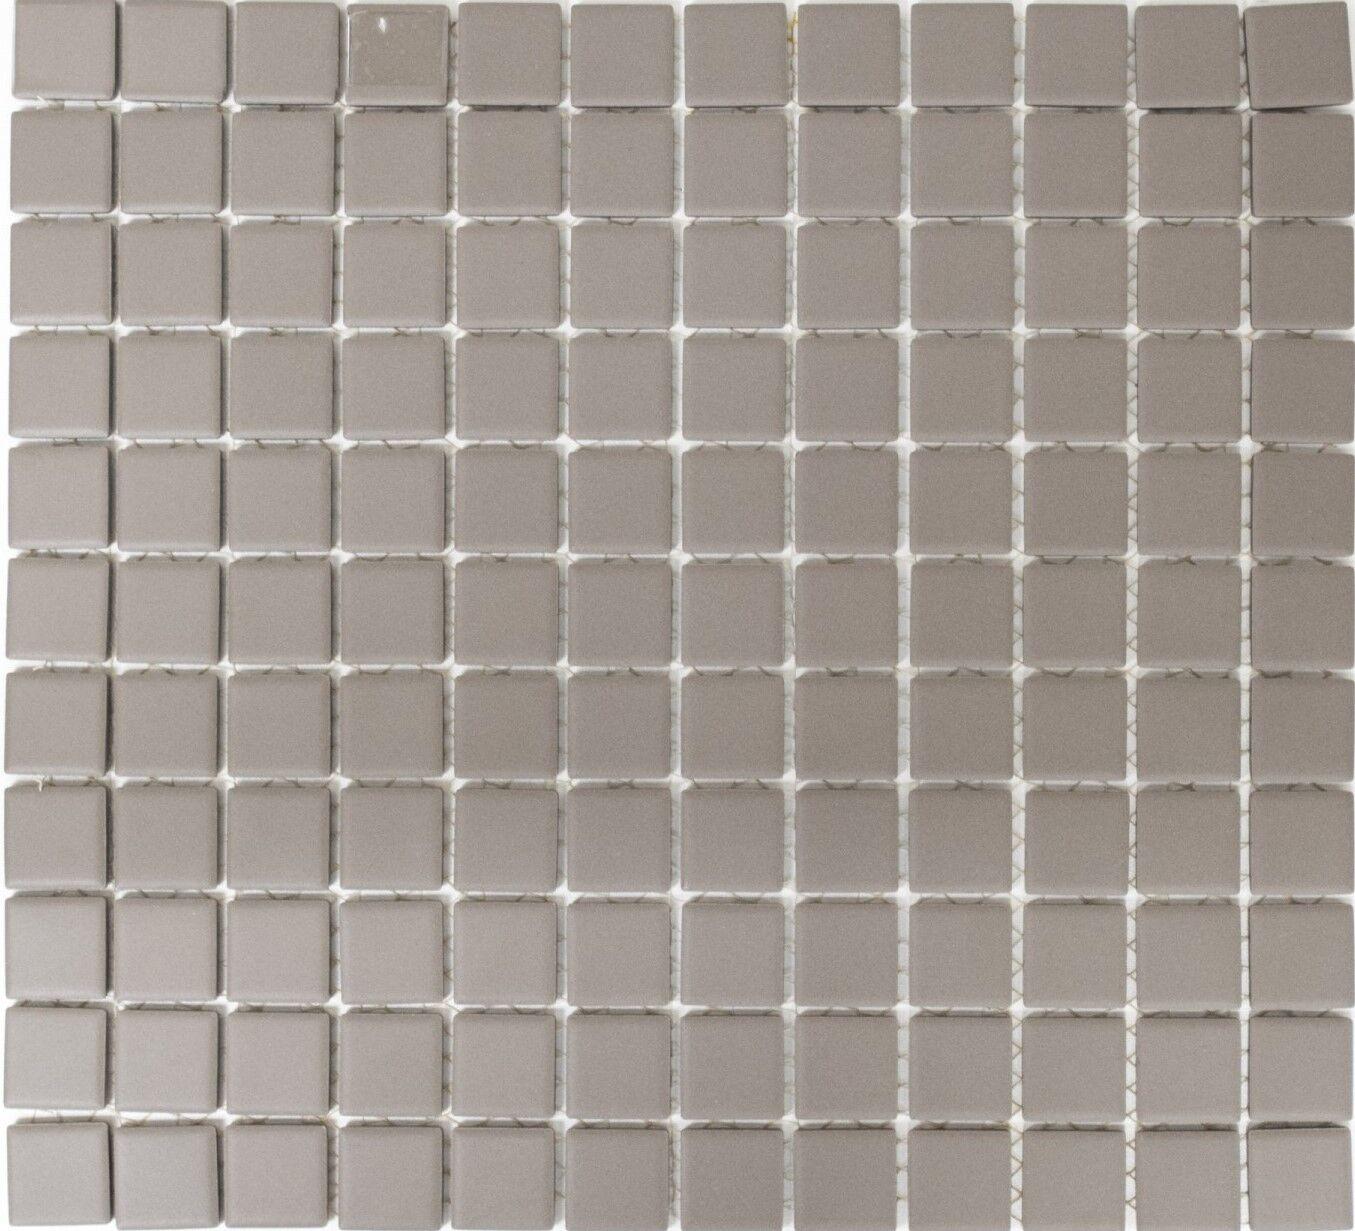 Mosaik Keramik grau Bad Pool Wand WC rutschhhemmend | 18B-0211-R10_f | 10 Matten